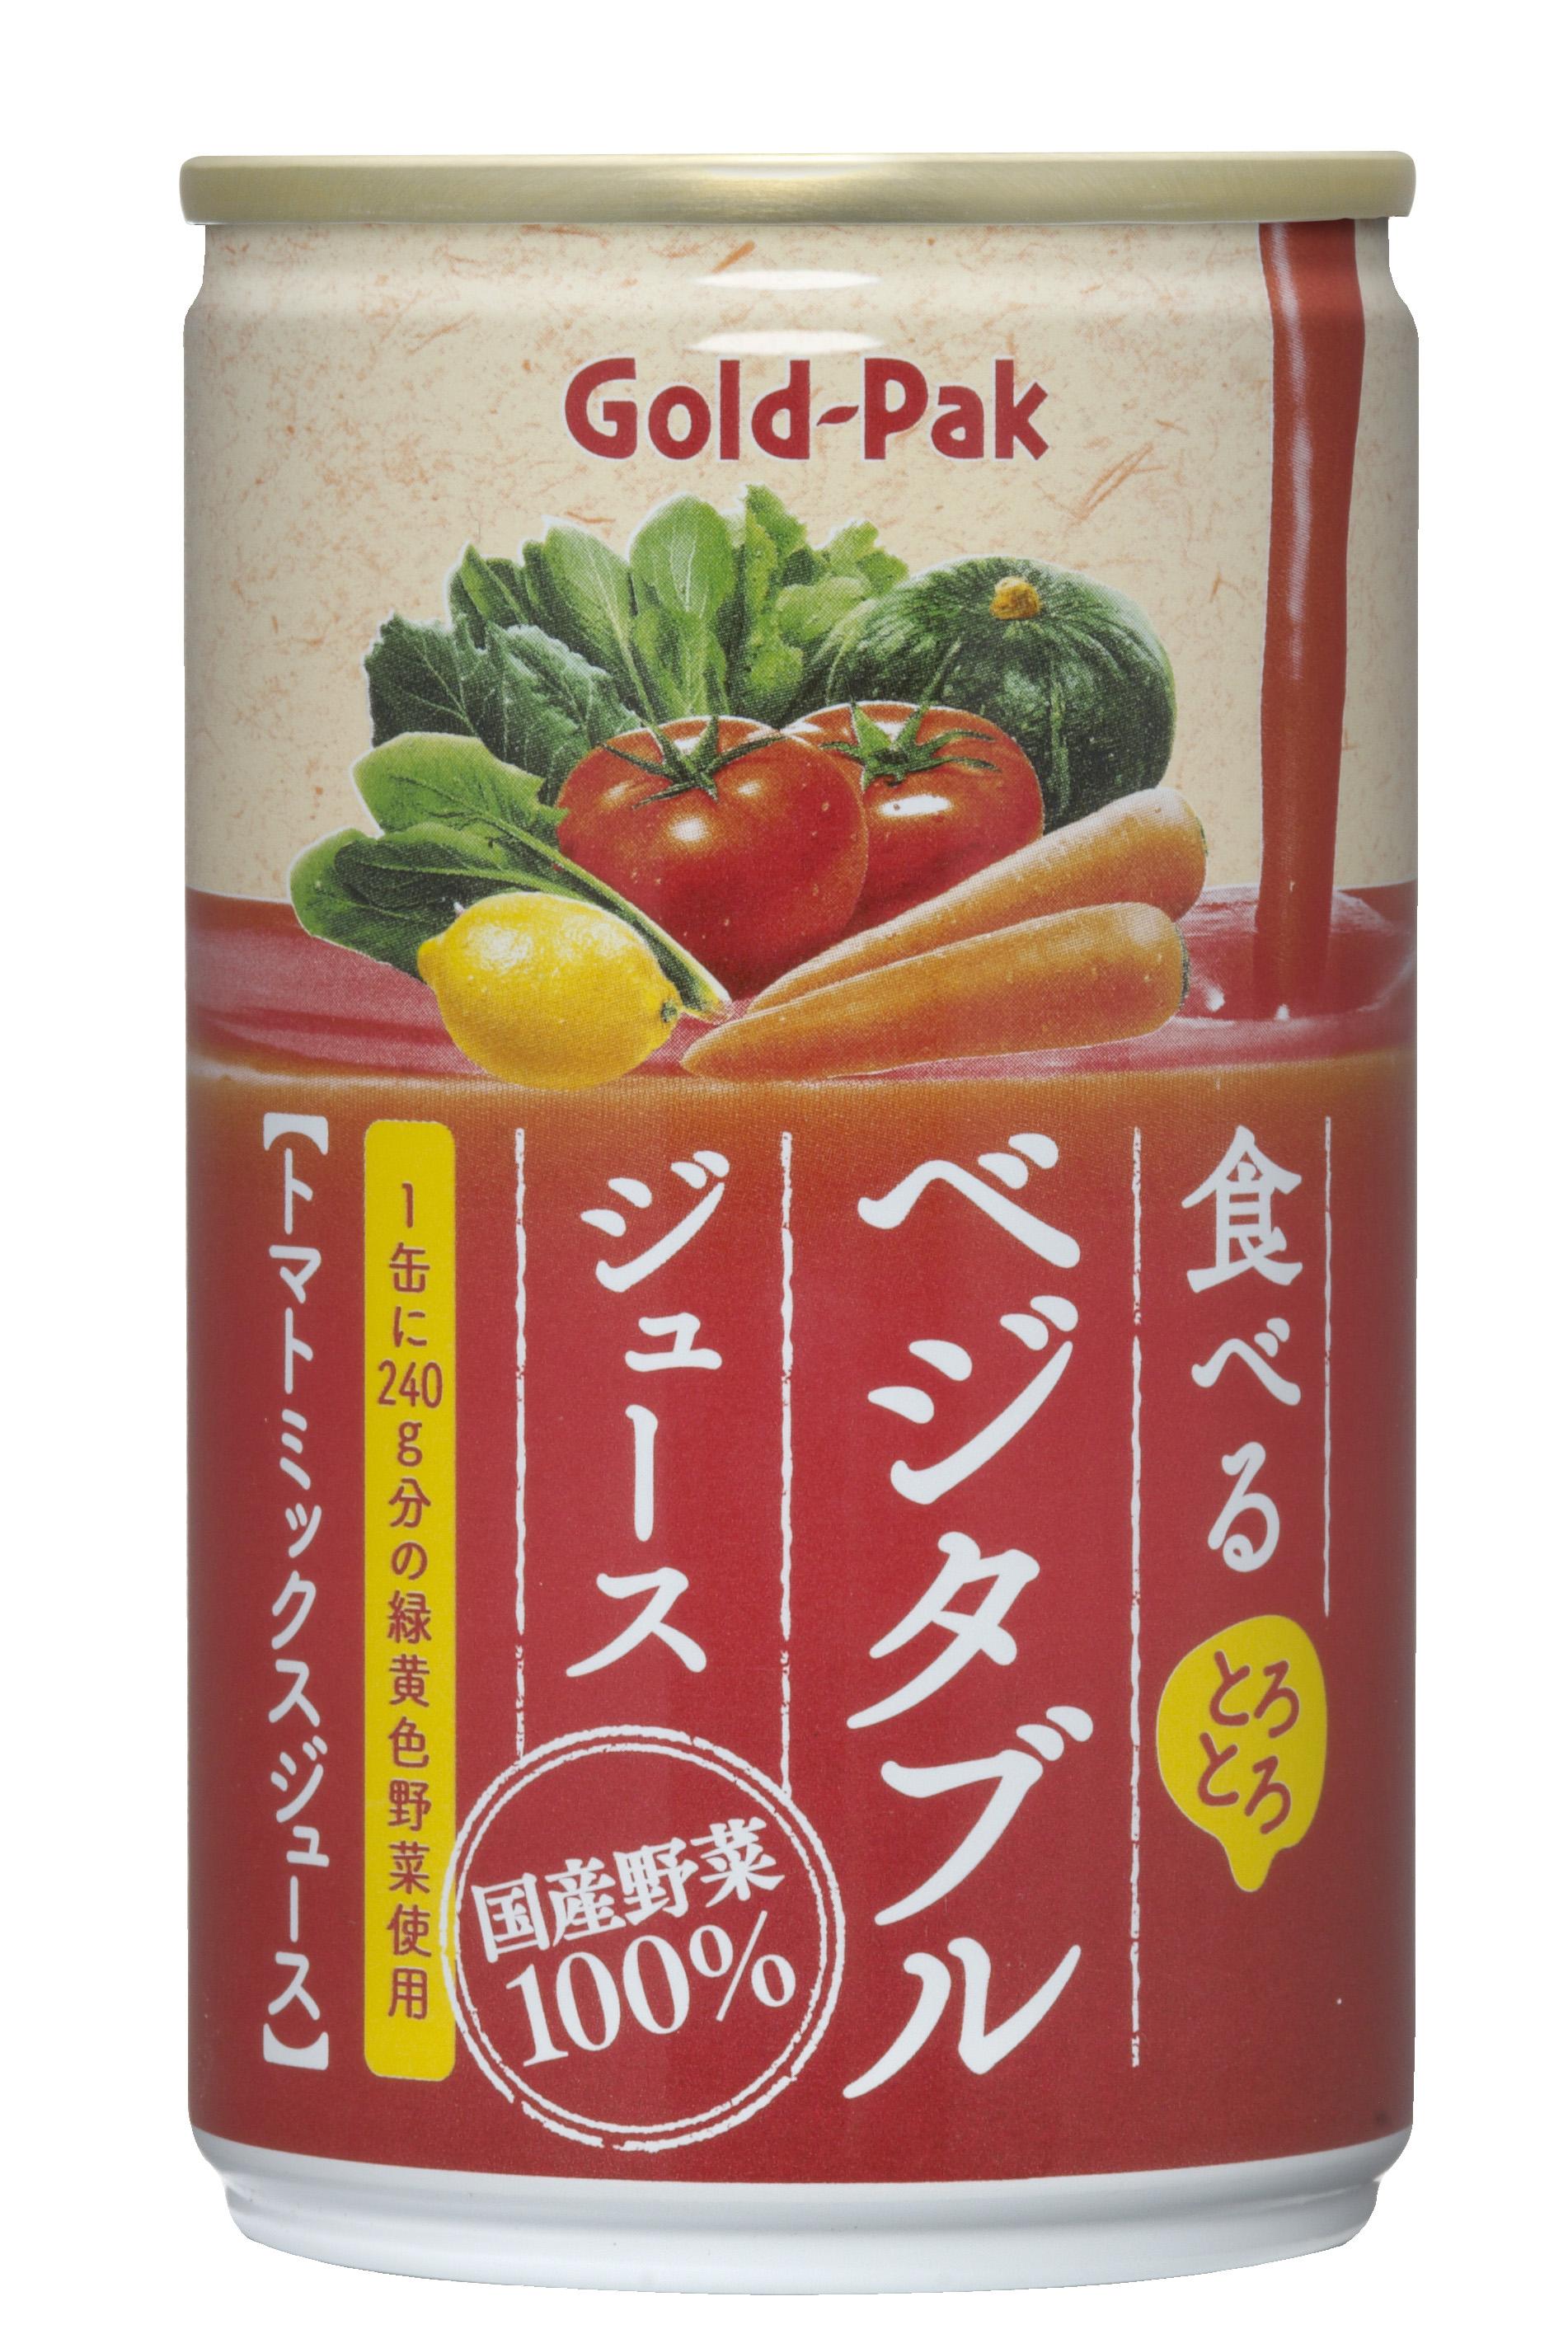 食べるベジタブルジュース160g×20缶入